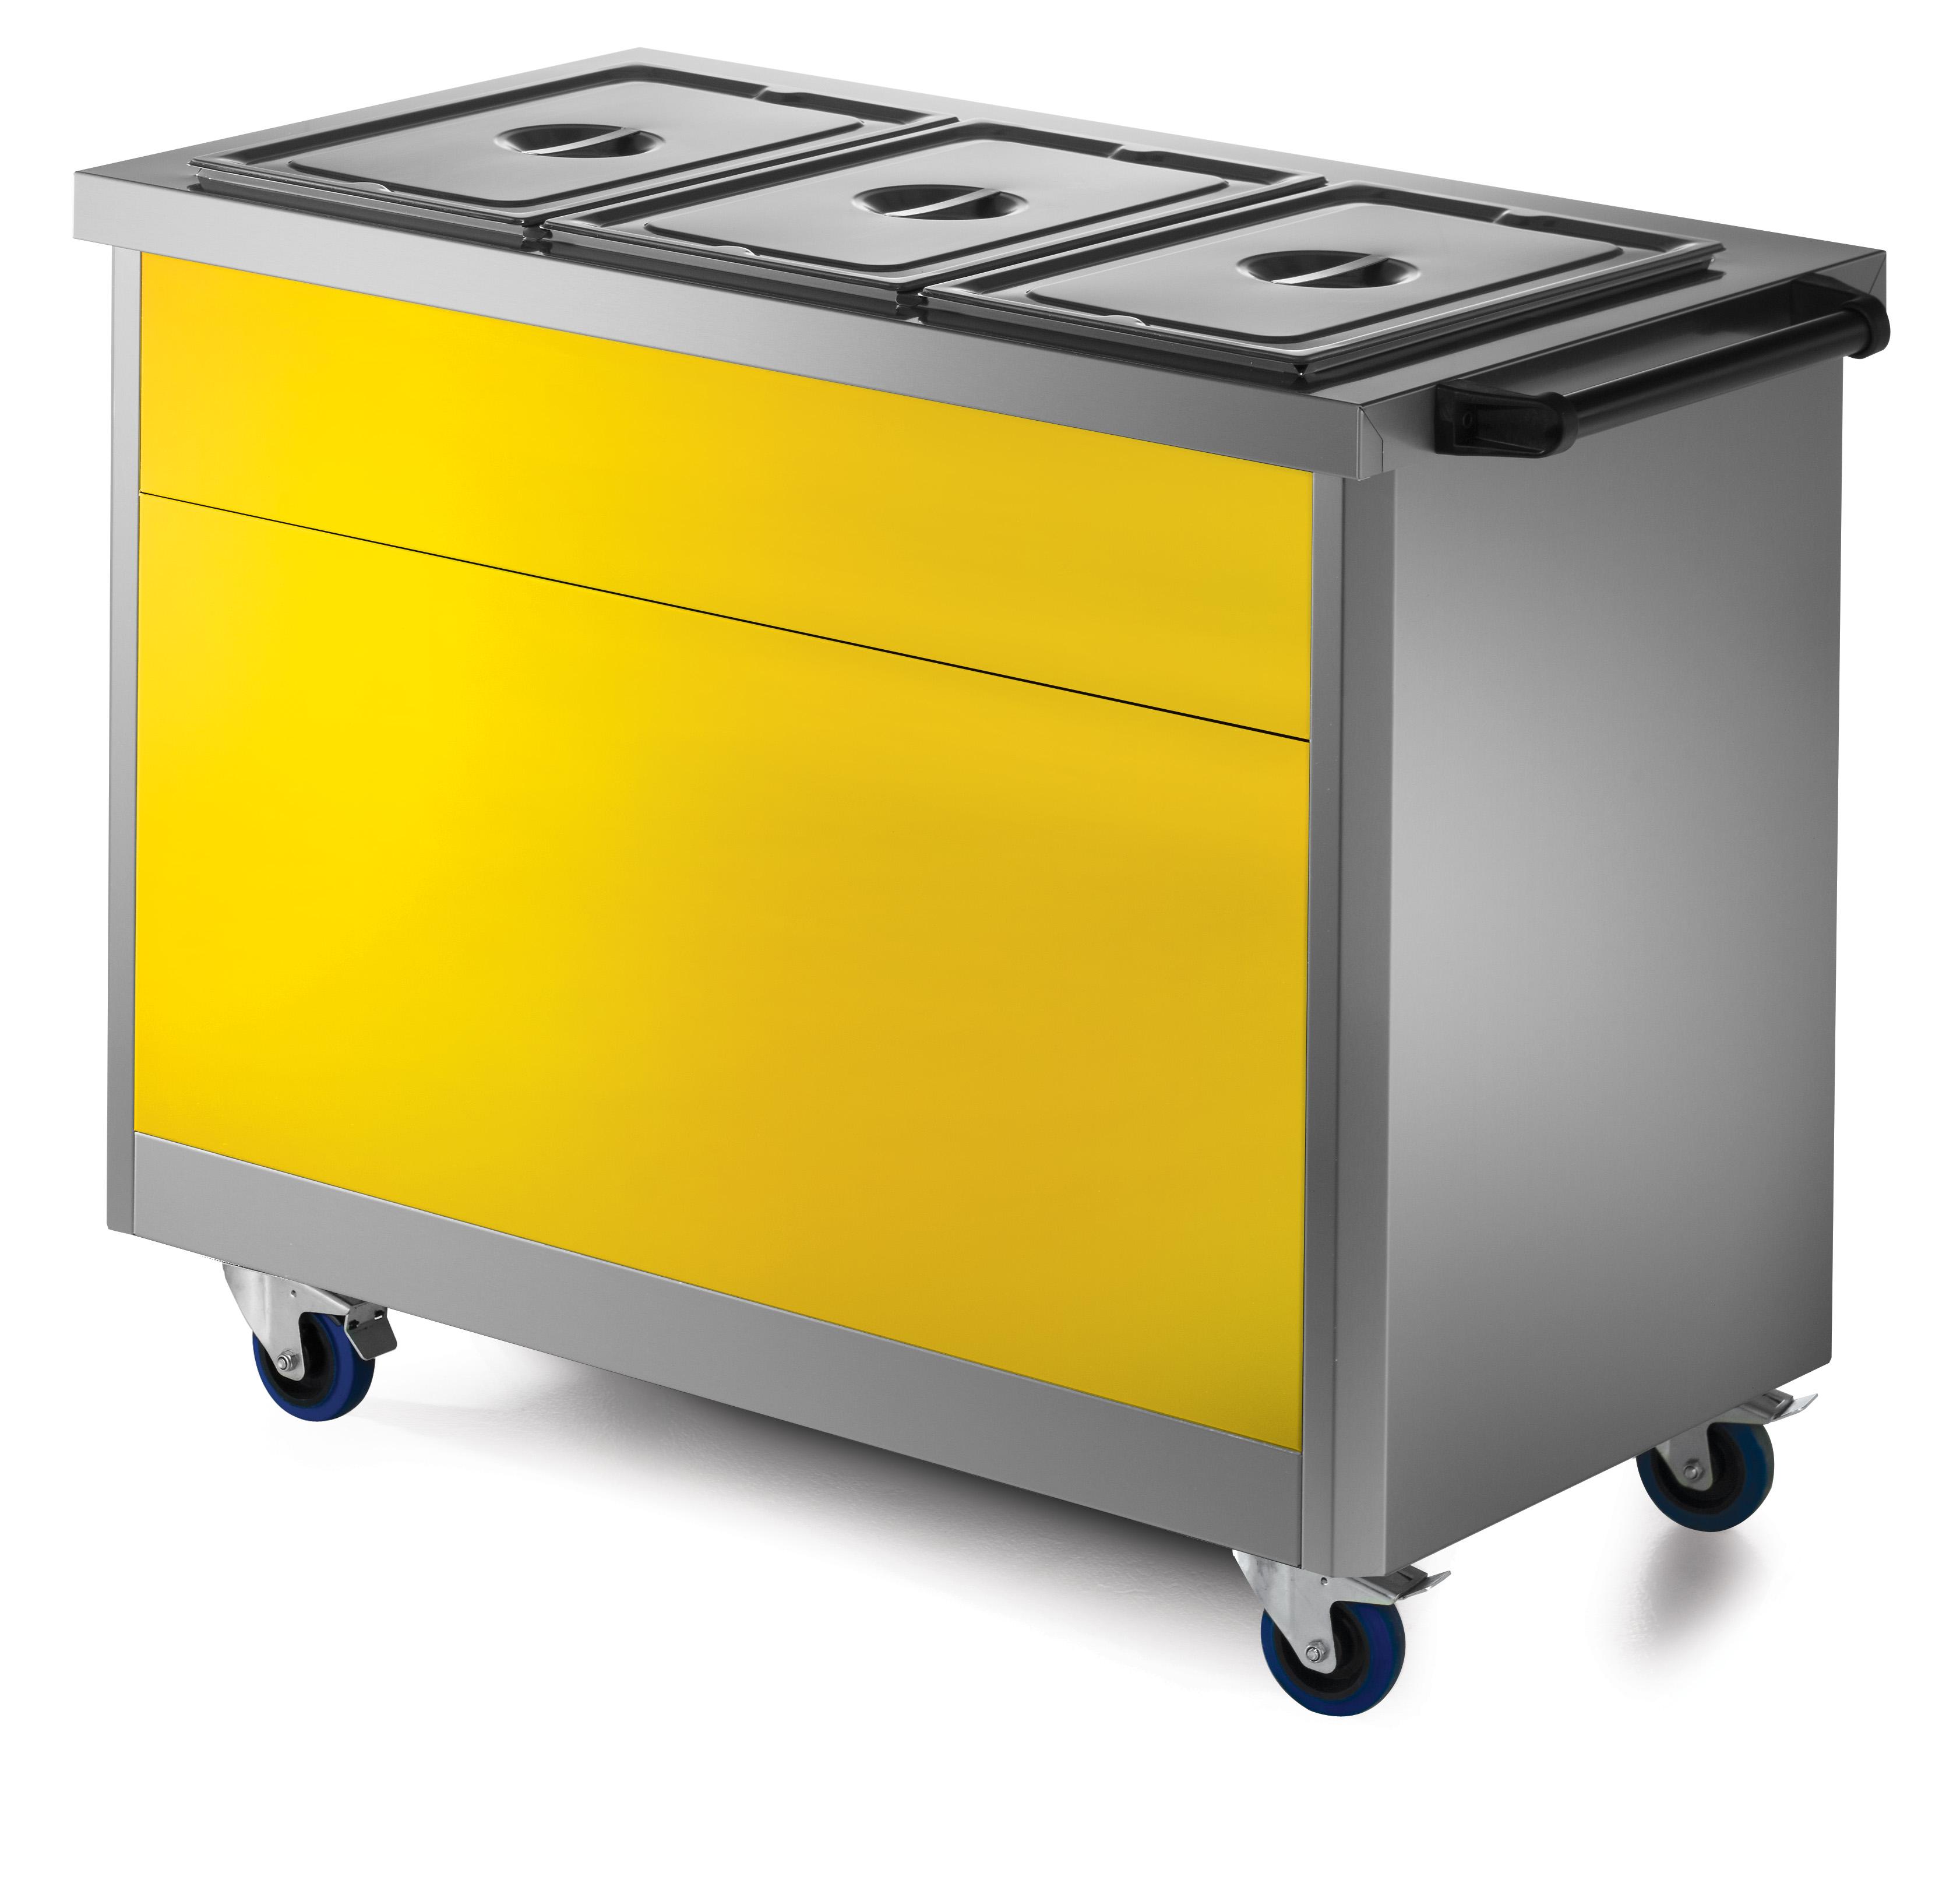 P6B3 - yellow